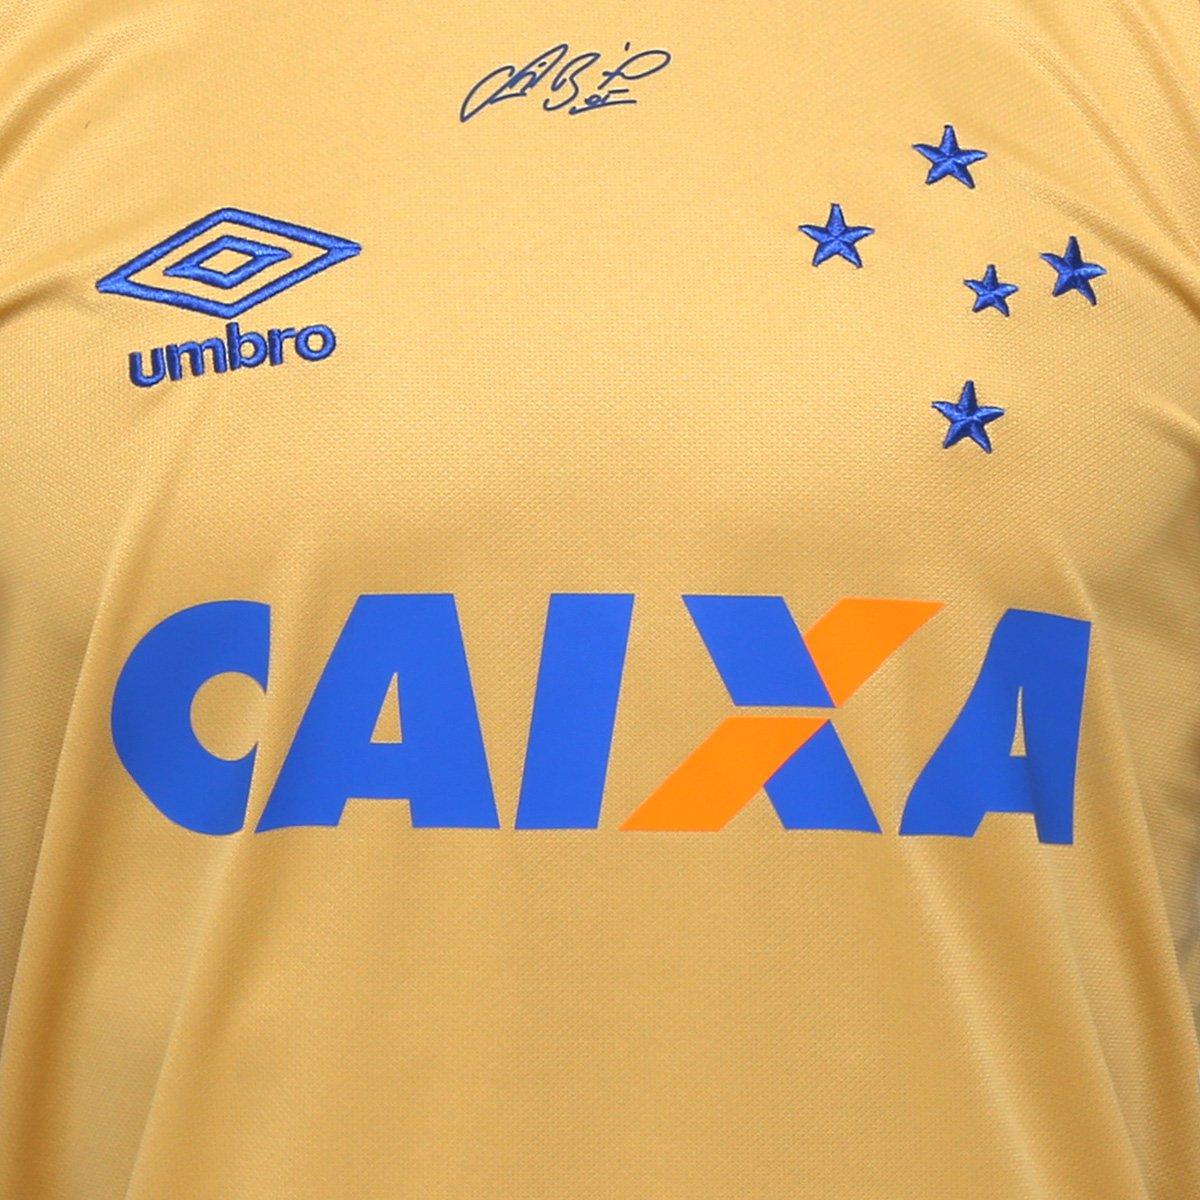 ... Camisa Cruzeiro Goleiro 17 18 nº 1 - Fábio Torcedor Umbro Masculina ... df8acf3c59ac8